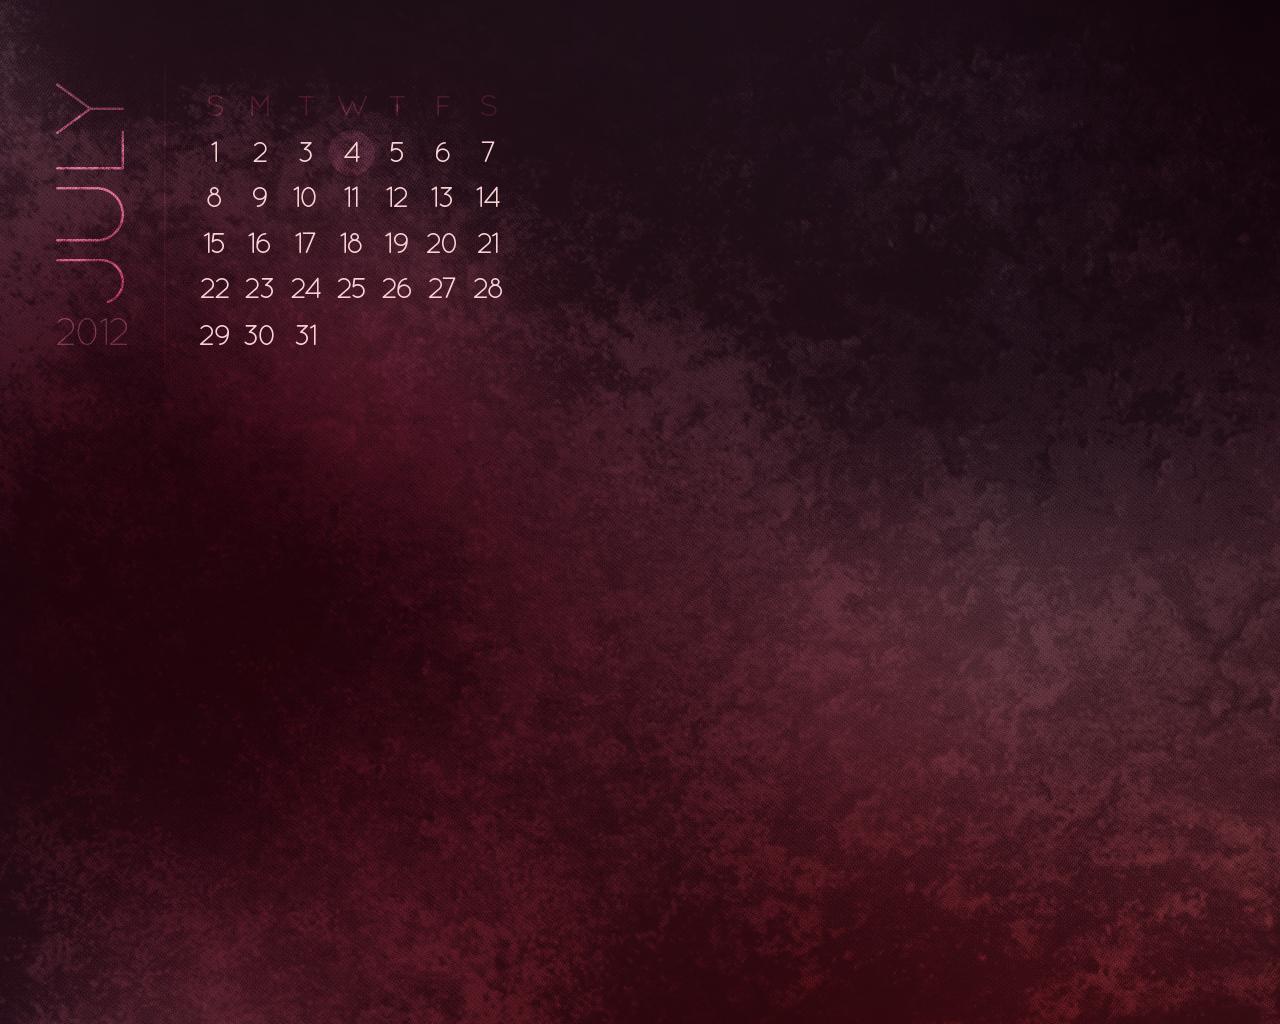 Desktop Wallpaper Calendars July 2012 1280x1024